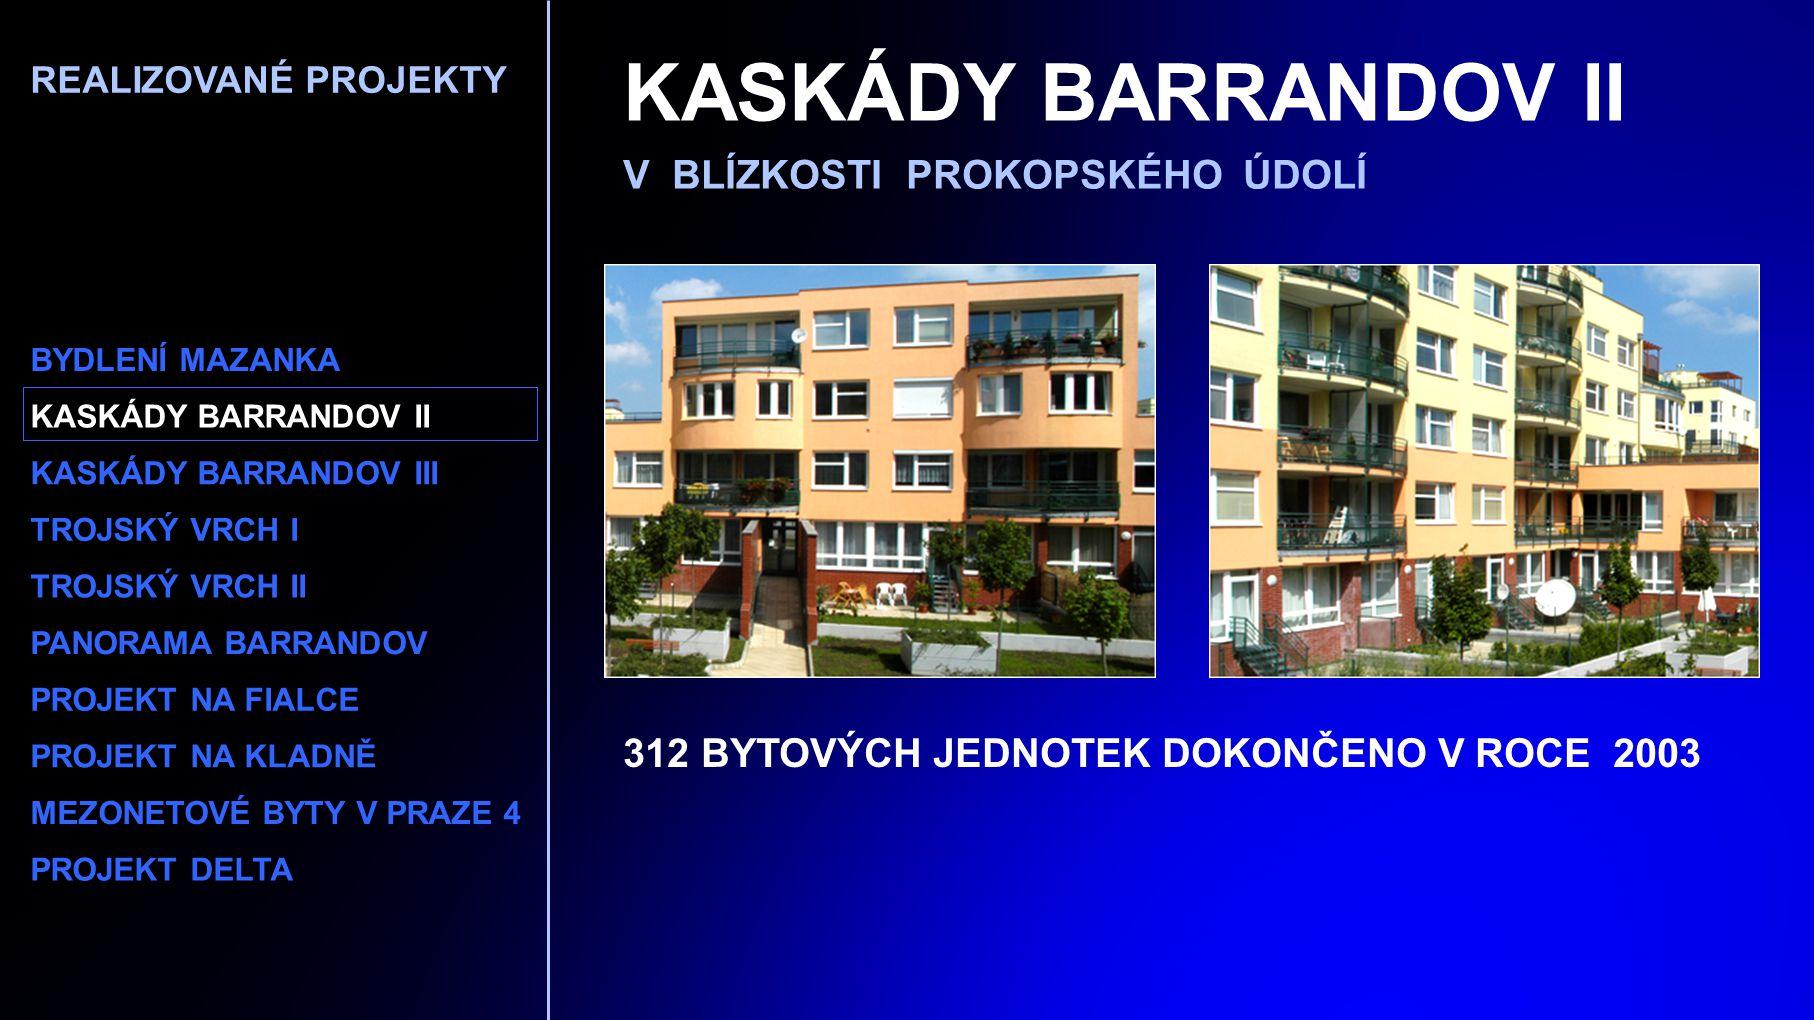 KASKÁDY BARRANDOV II V BLÍZKOSTI PROKOPSKÉHO ÚDOLÍ